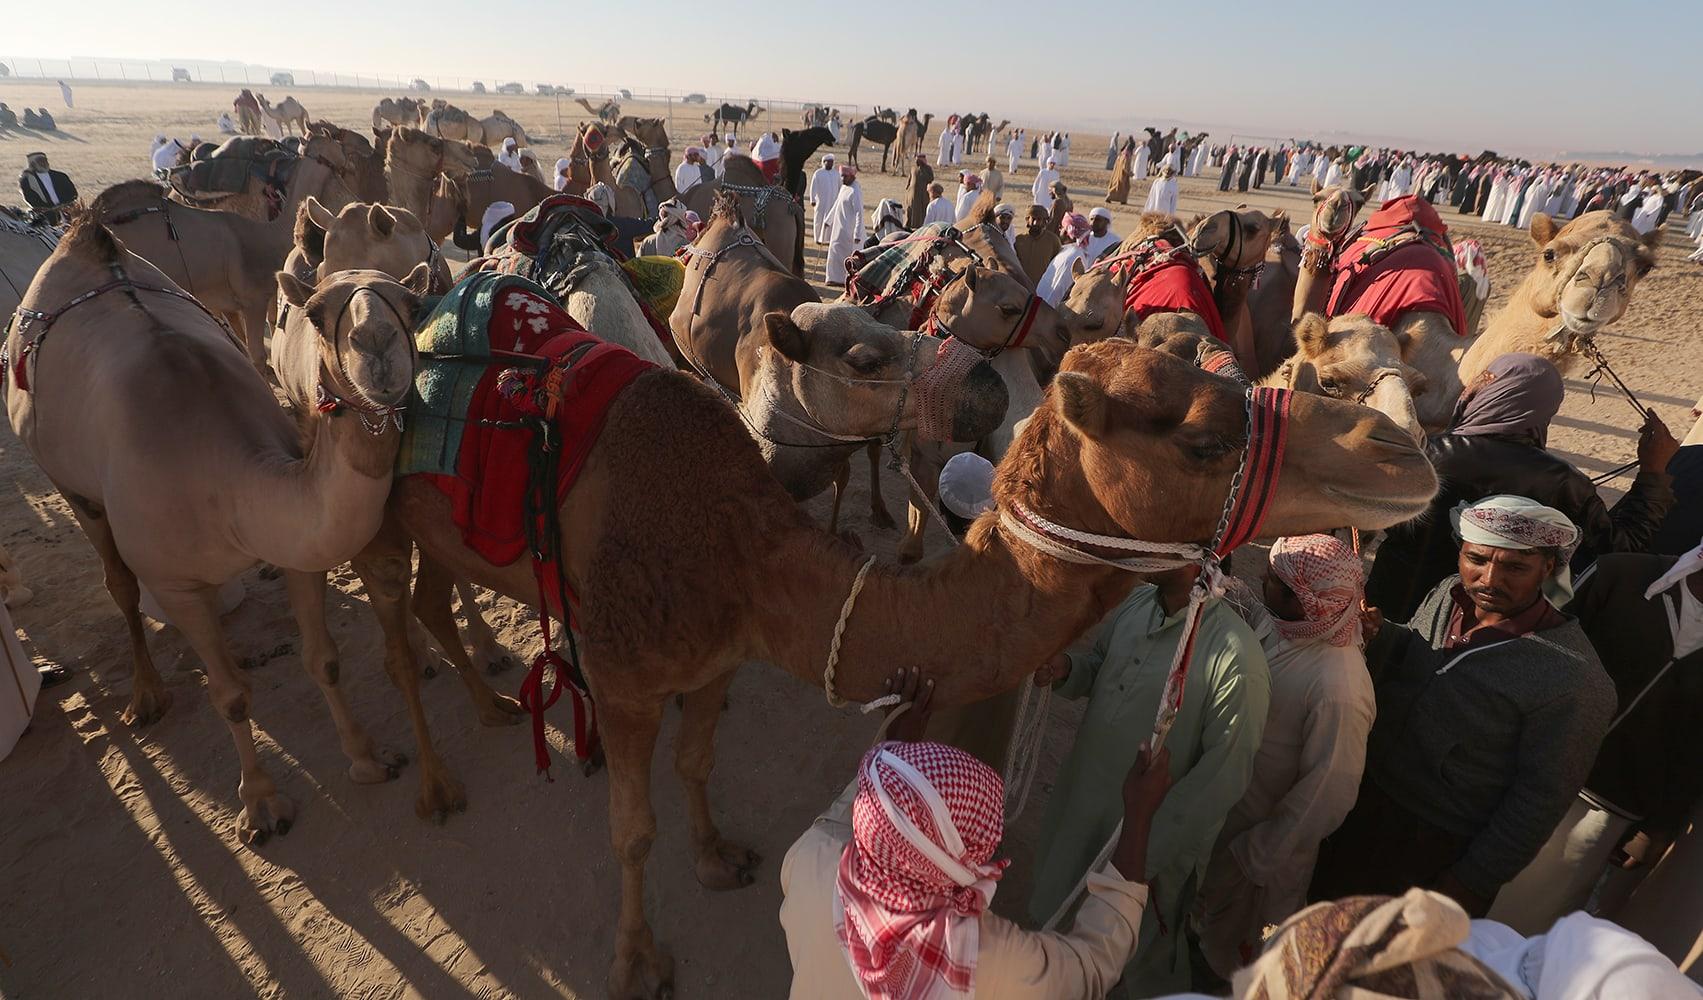 مسابقة جمال ولكن للإبل.. ما أبرز تفاصيل هذا المهرجان في أبوظبي؟